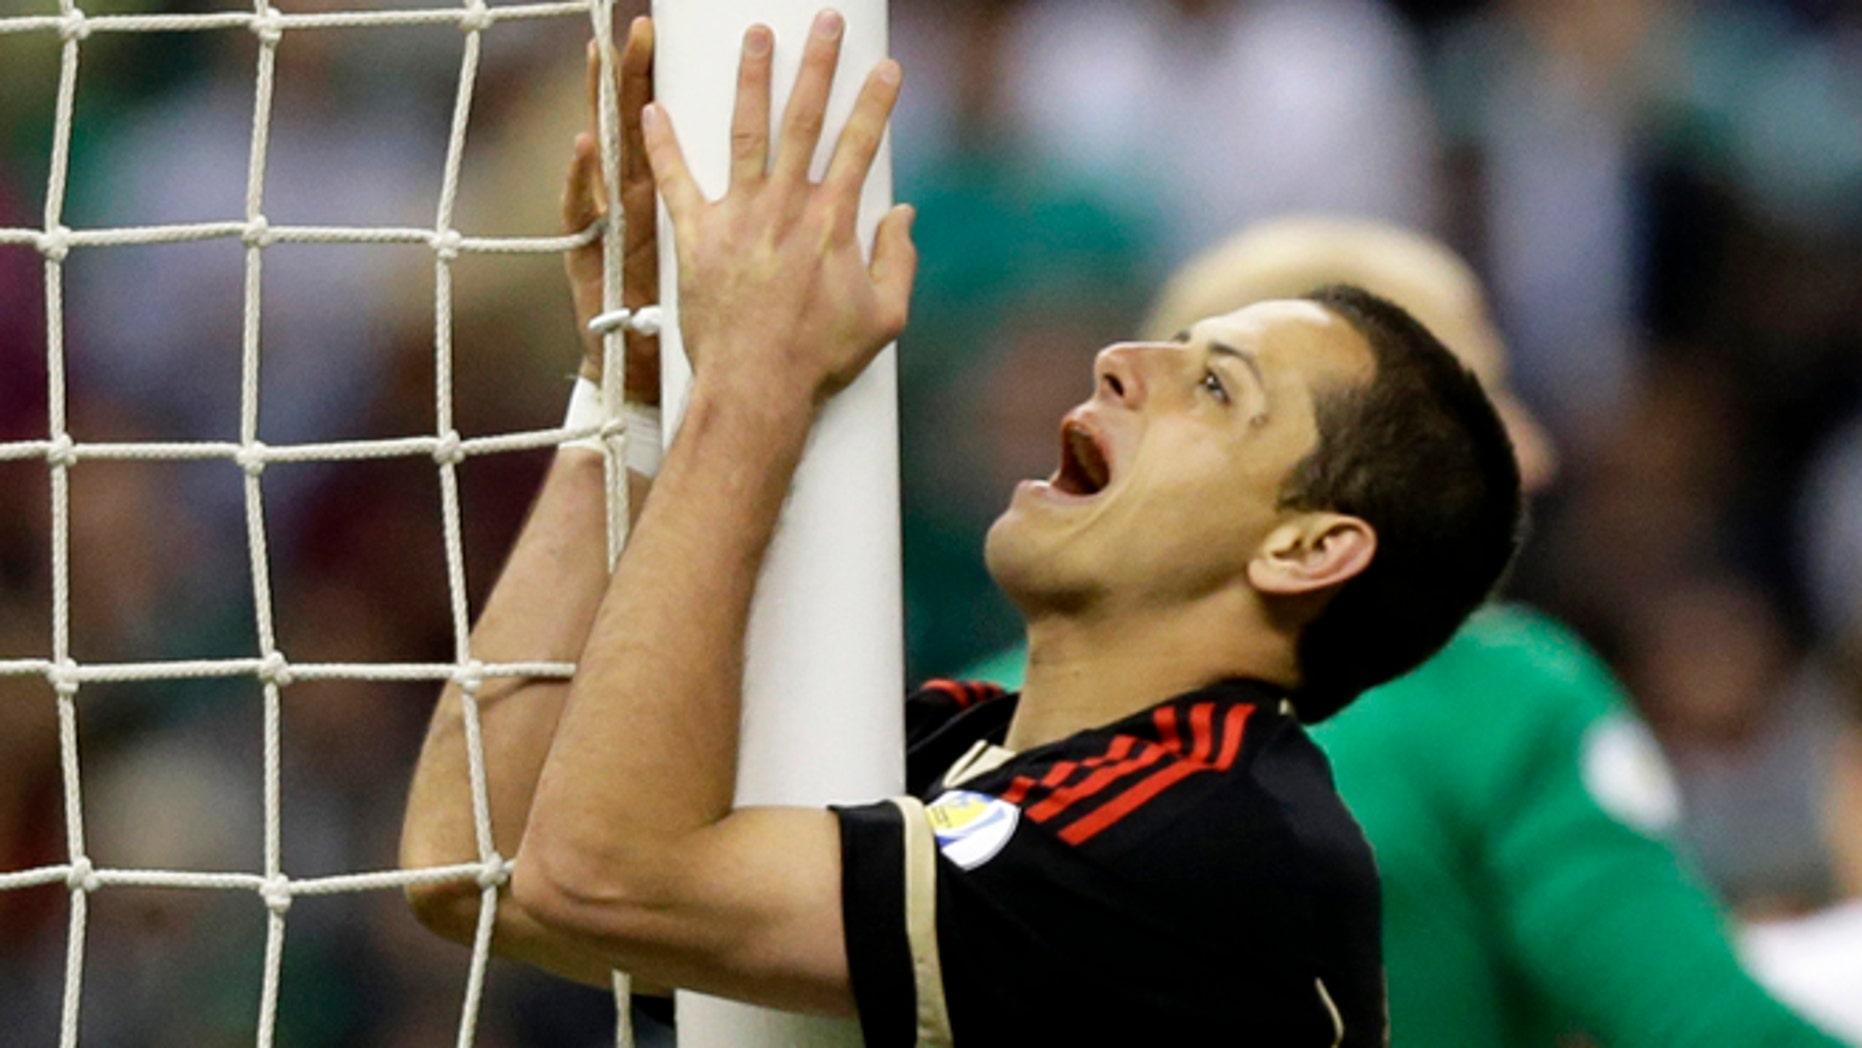 El jugador de la selección de México, Javier Hernández, gesticula tras fallar una ocasión de gol en un partido contra Estados Unidos por las eliminatorias mundialistas el 26 de marzo de 2013 en Ciudad de México. (AP Photo/Eduardo Verdugo, File)